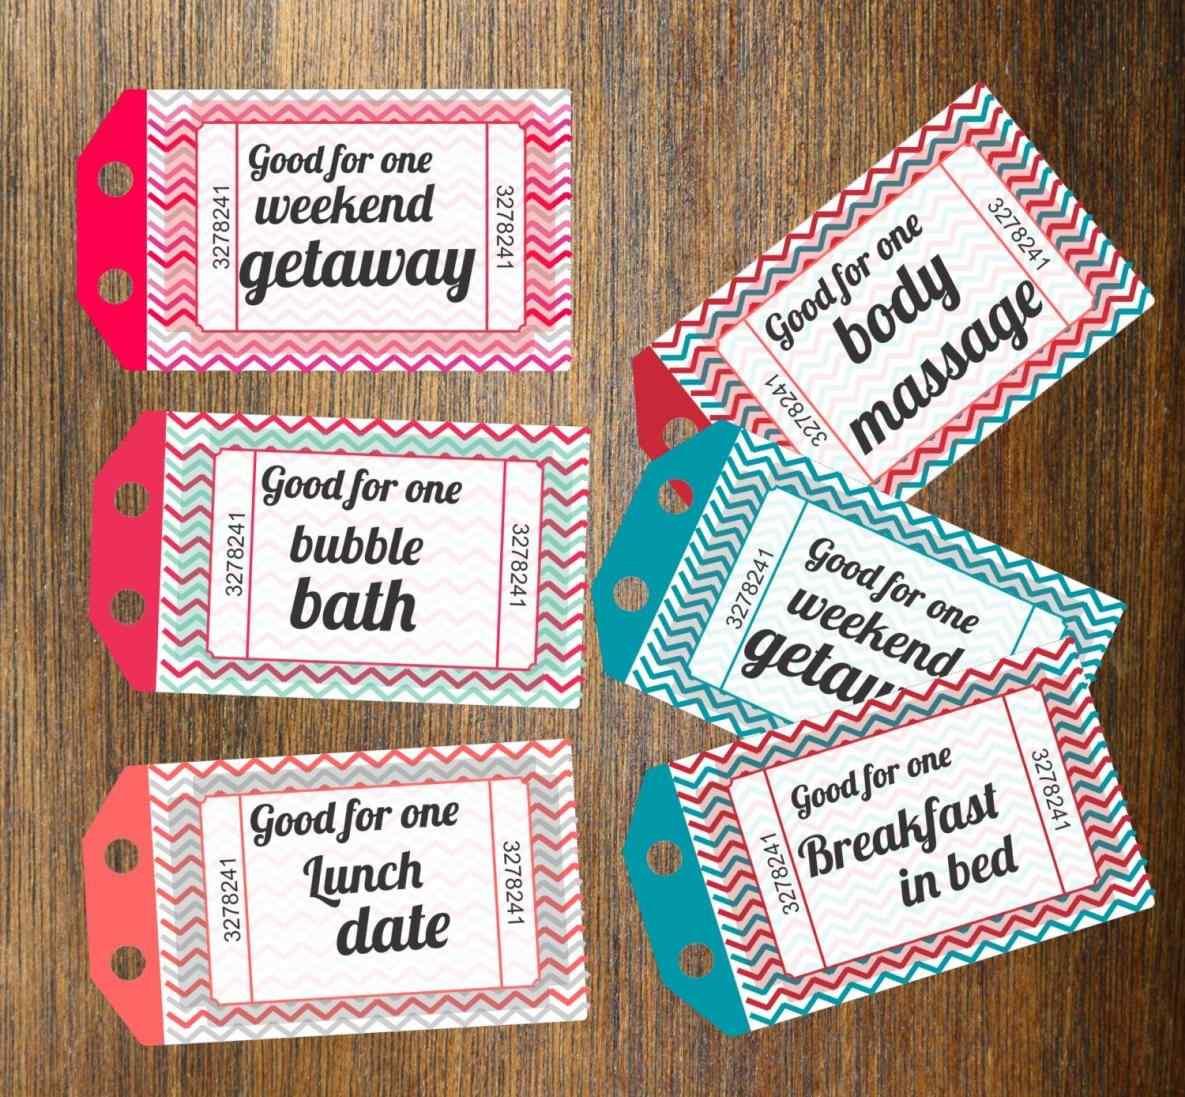 Tumblr Gift Ideas For Boyfriend  Valentine Day Gifts For Boyfriend Tumblr